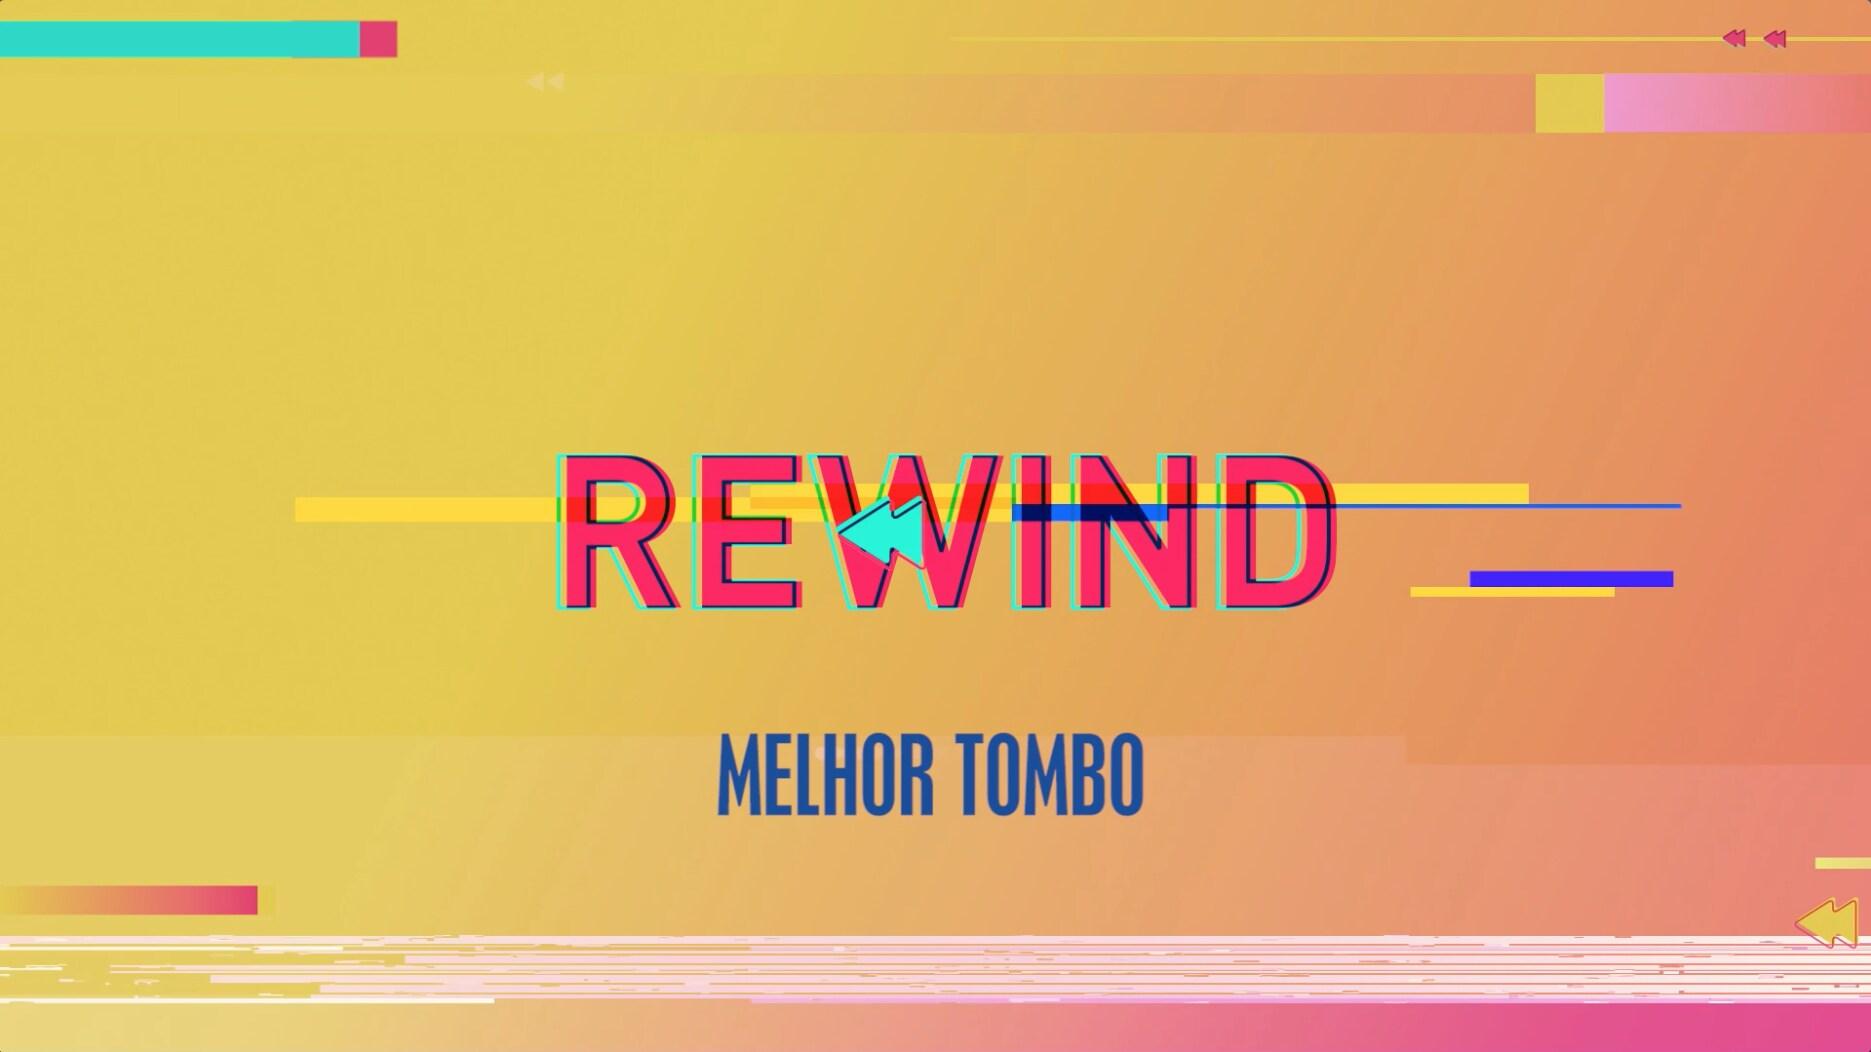 #MelhorTombo - Os melhores do ano - Rewind